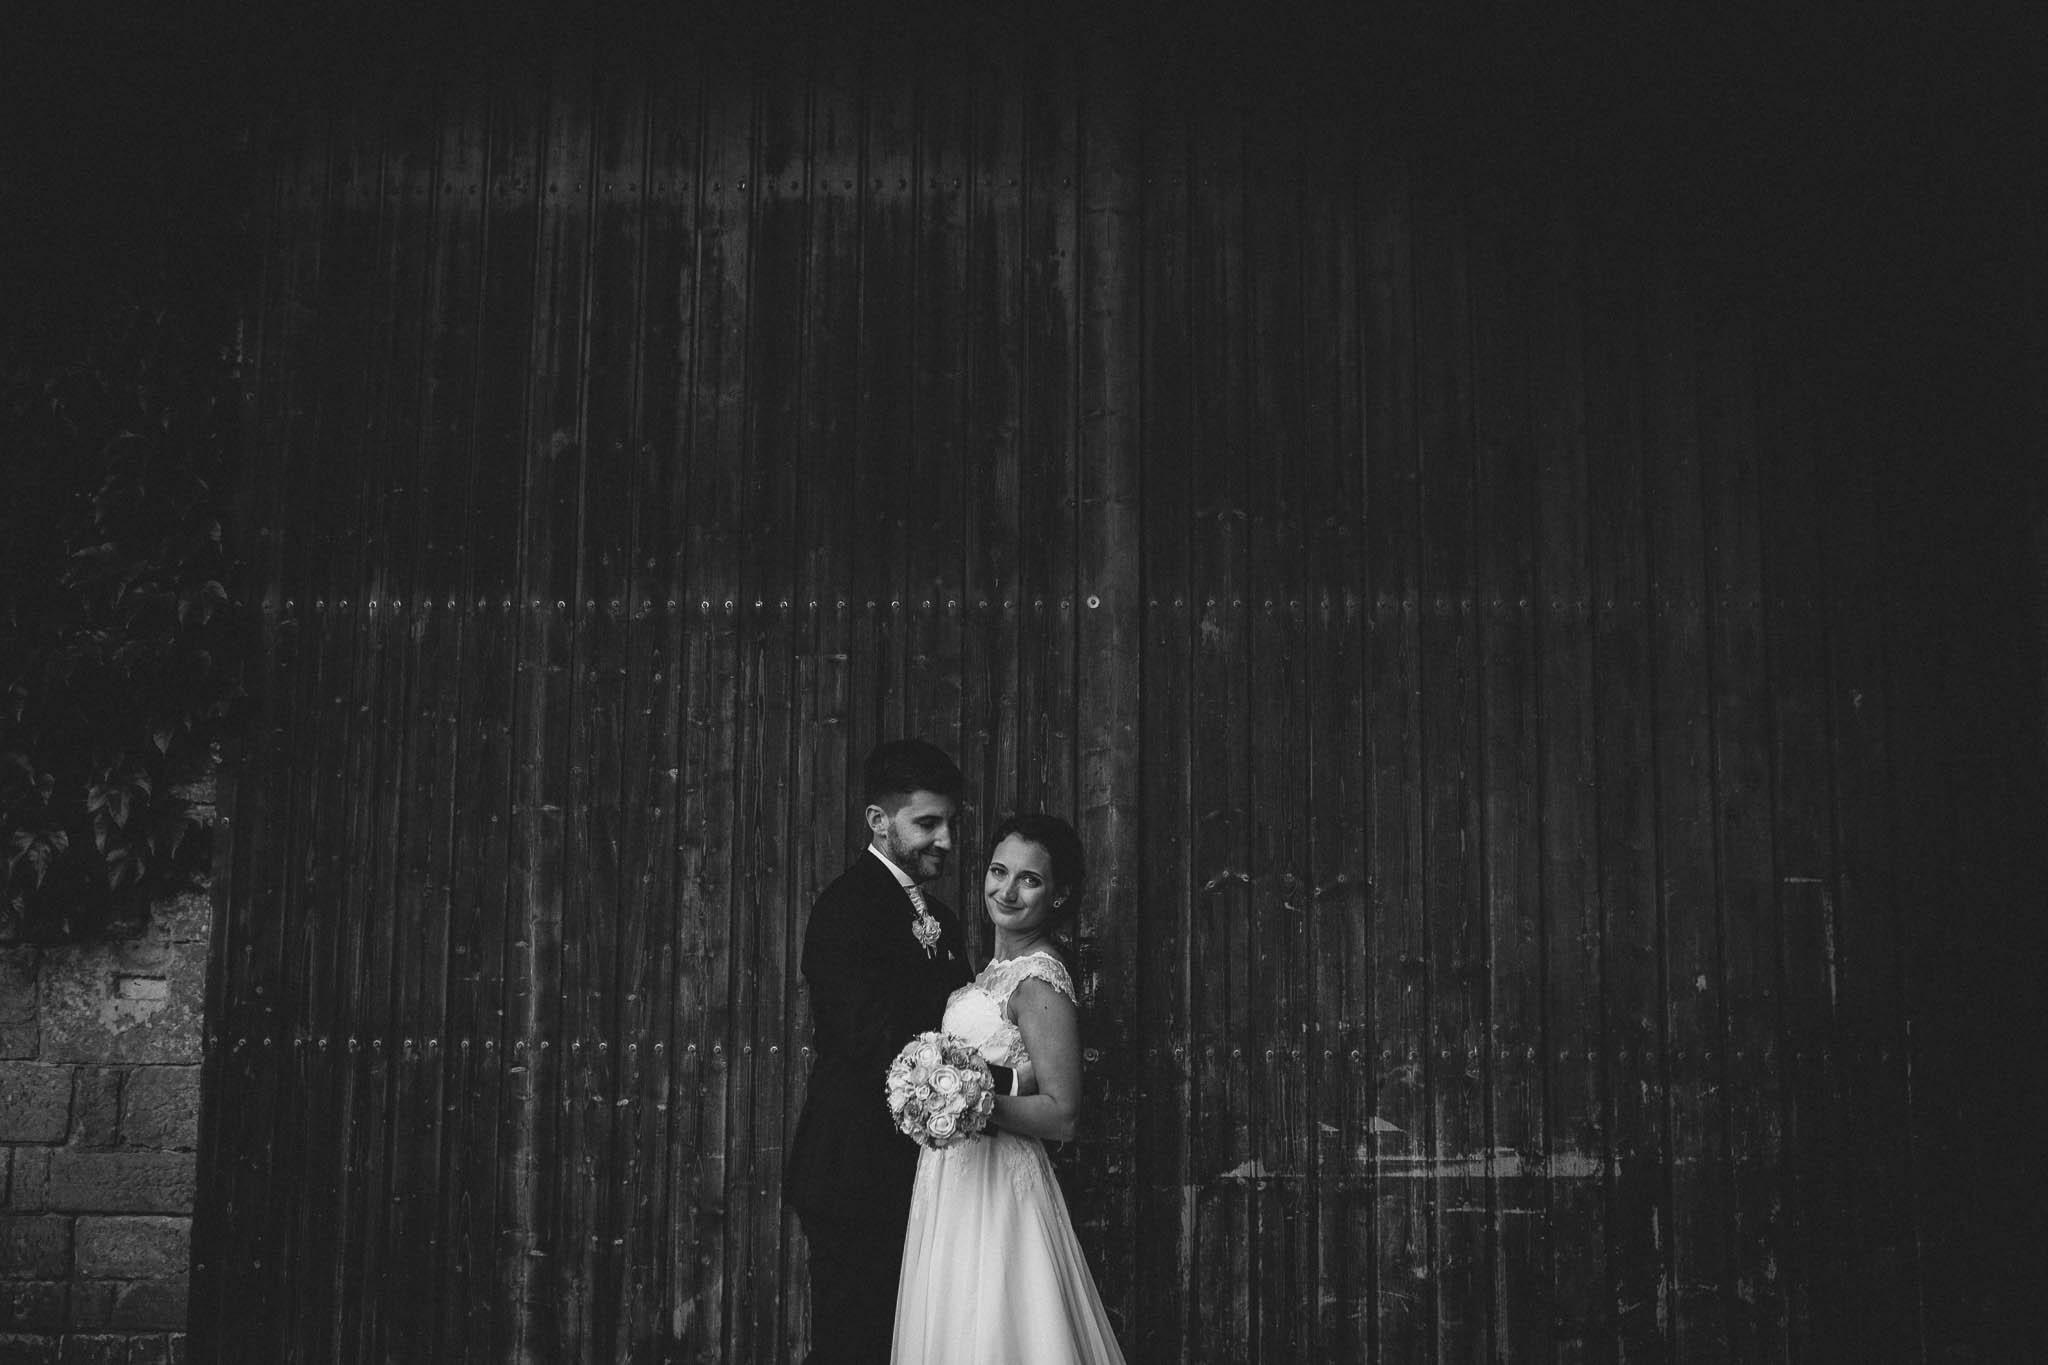 Hochzeitsfotograf Monzernheim: freie Trauung von Sarah & Patrick 45